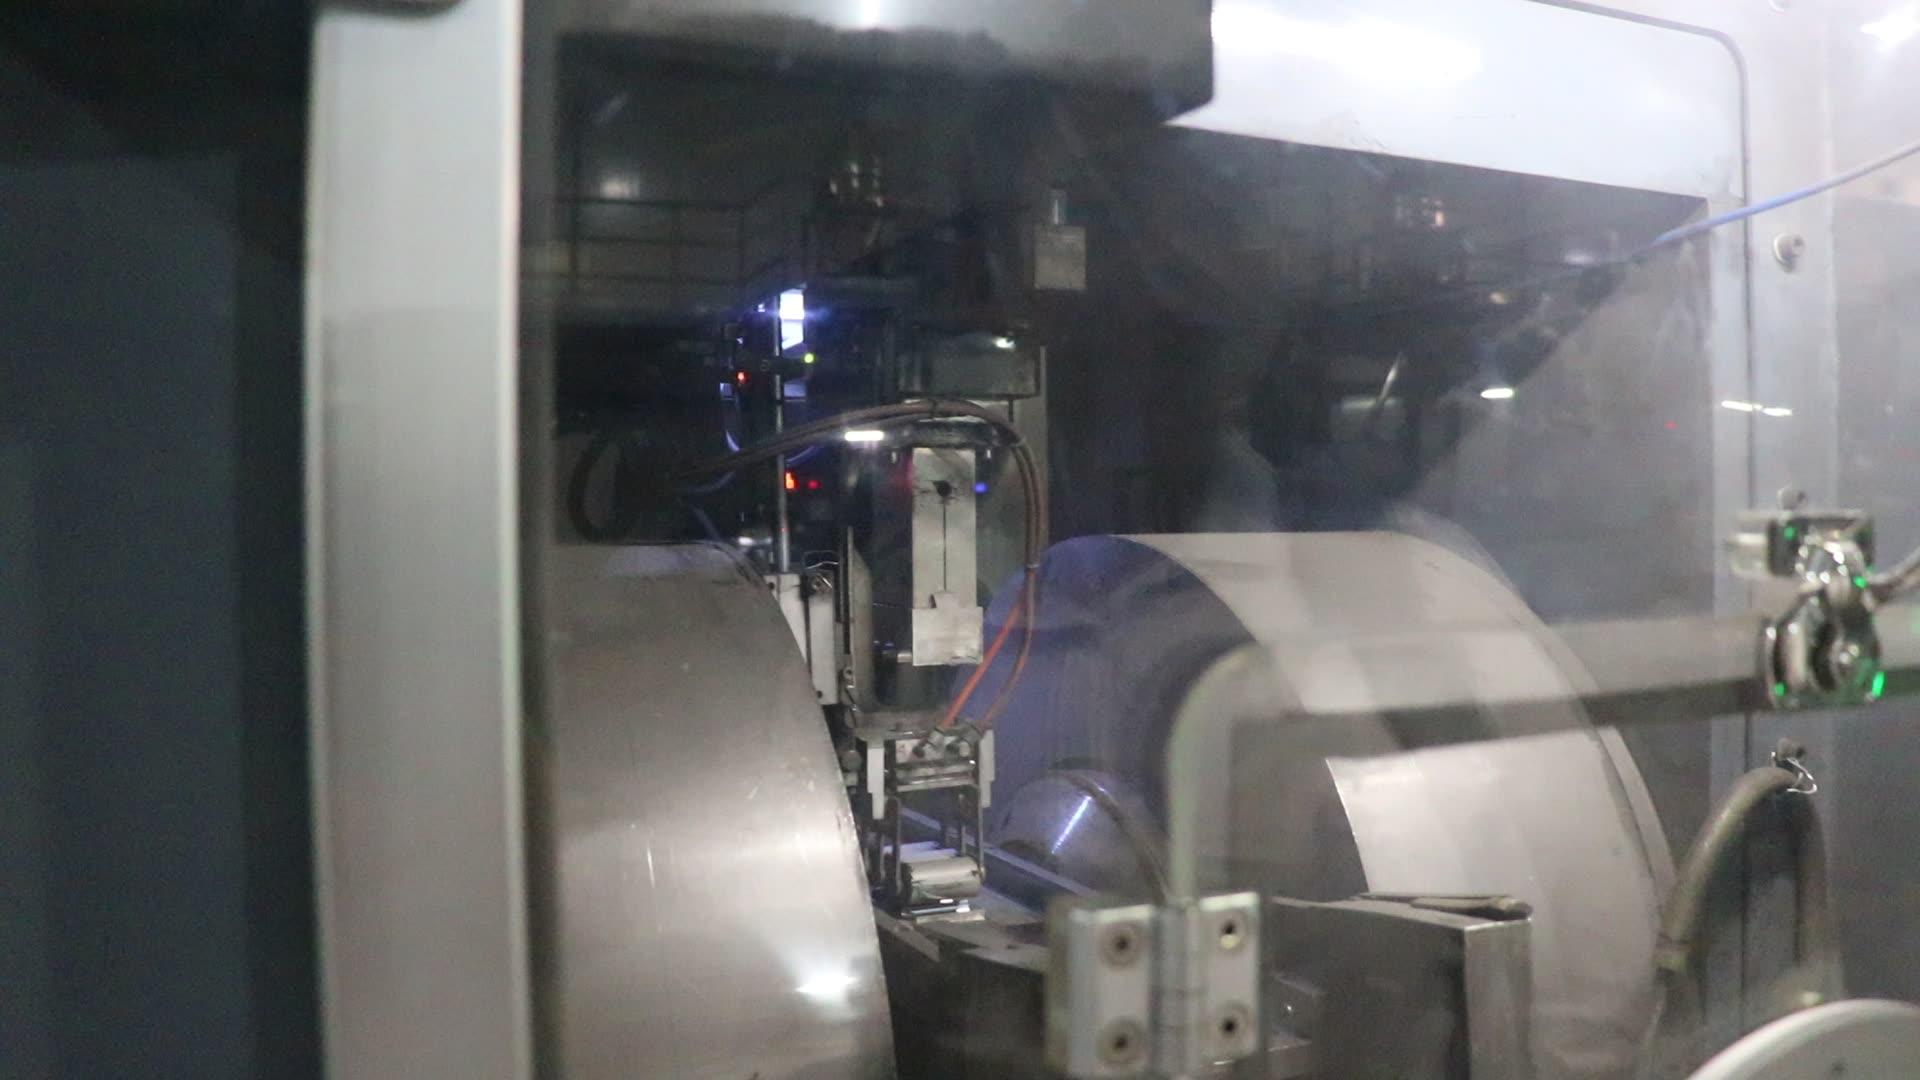 Pasokan Pabrik Kuat Memegang Kekuatan Memancing Ferit dan Keramik Magnet Magnetic Hook